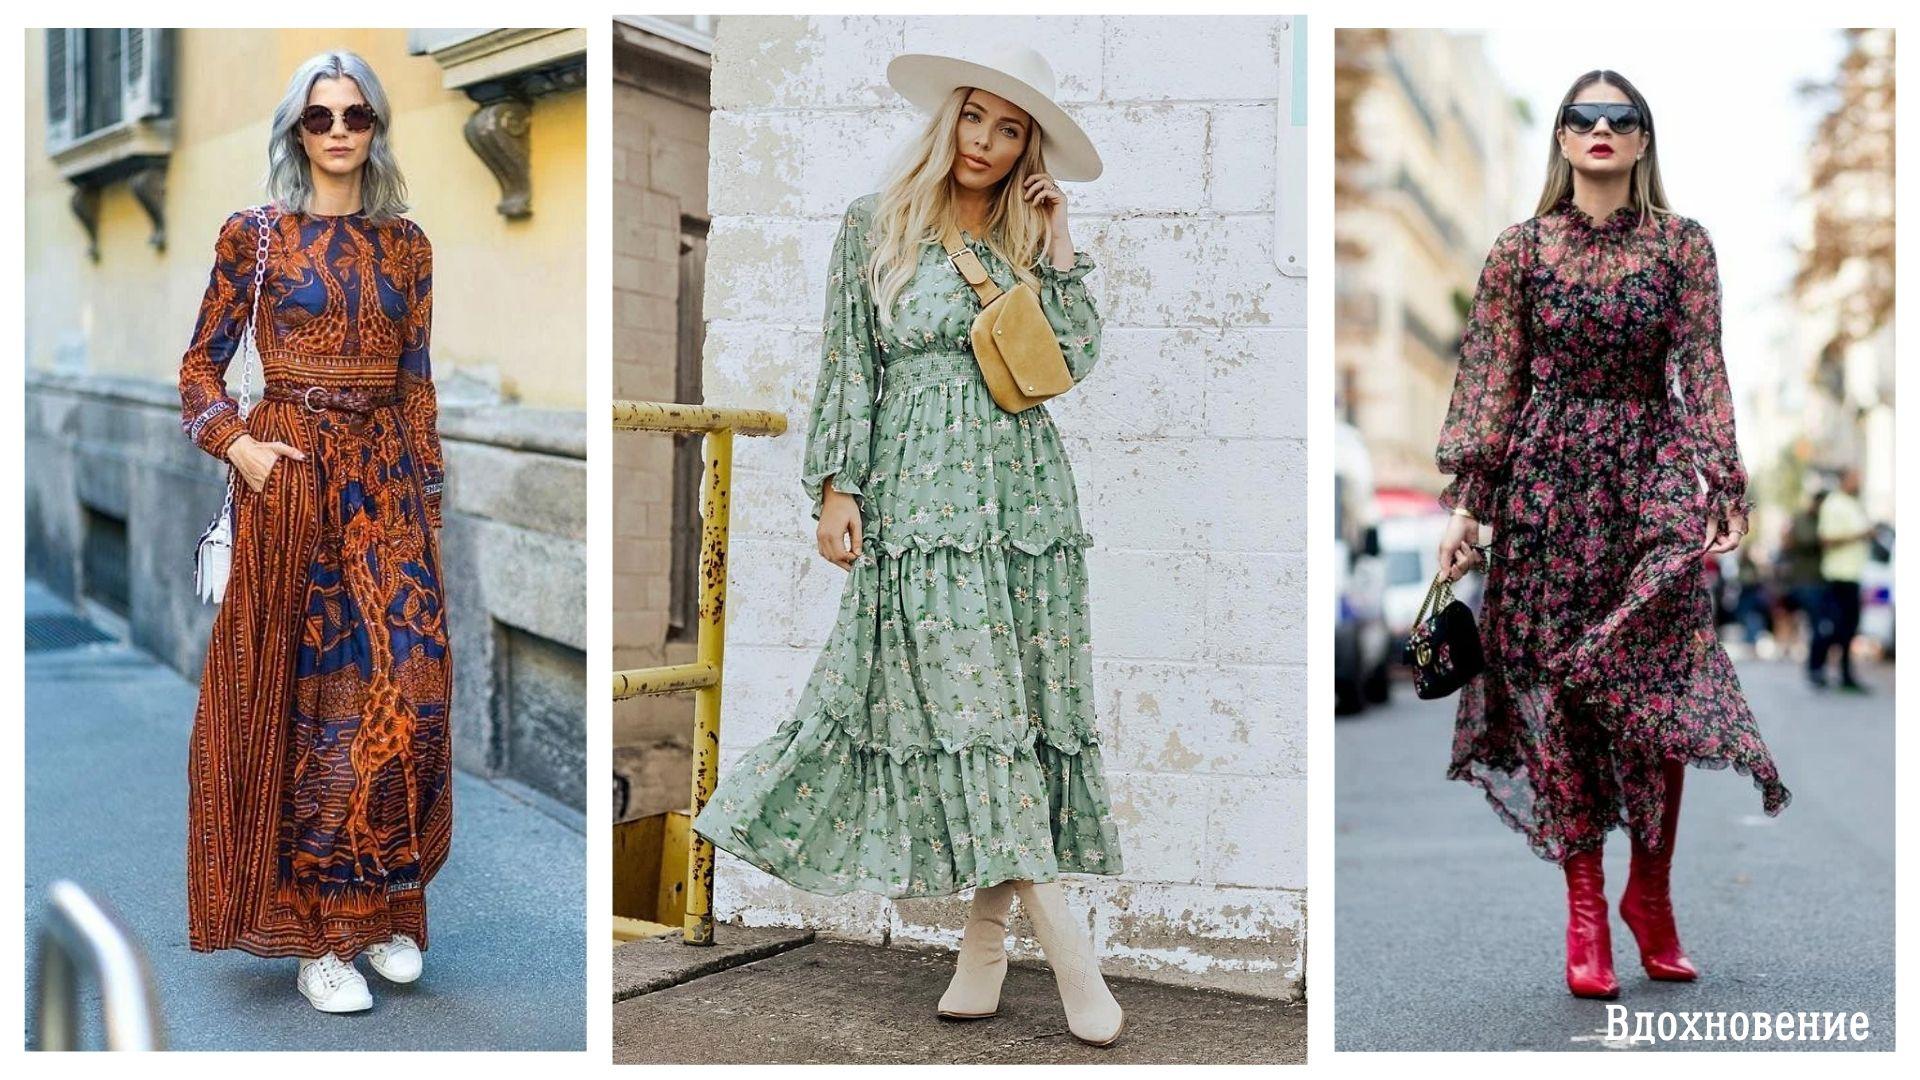 14 великолепных идей как носить платье в стиле Бохо